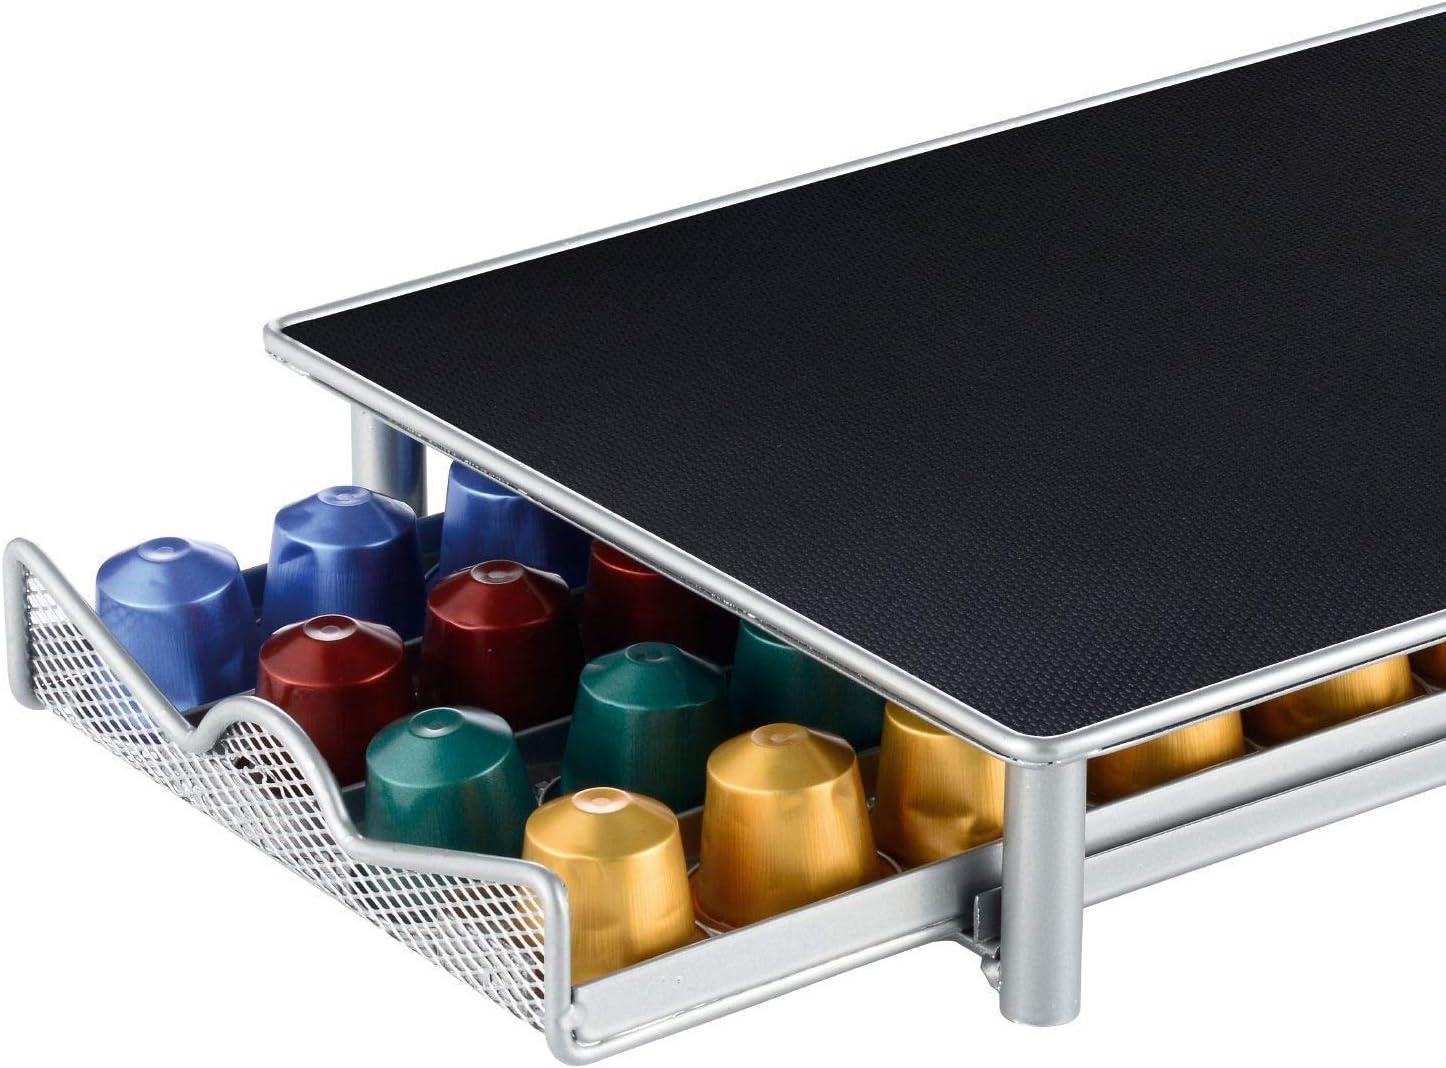 Kabalo Caj/ón de la m/áquina de c/ápsulas de caf/é para dispensador de Soporte de Almacenamiento de c/ápsulas Nespresso 40